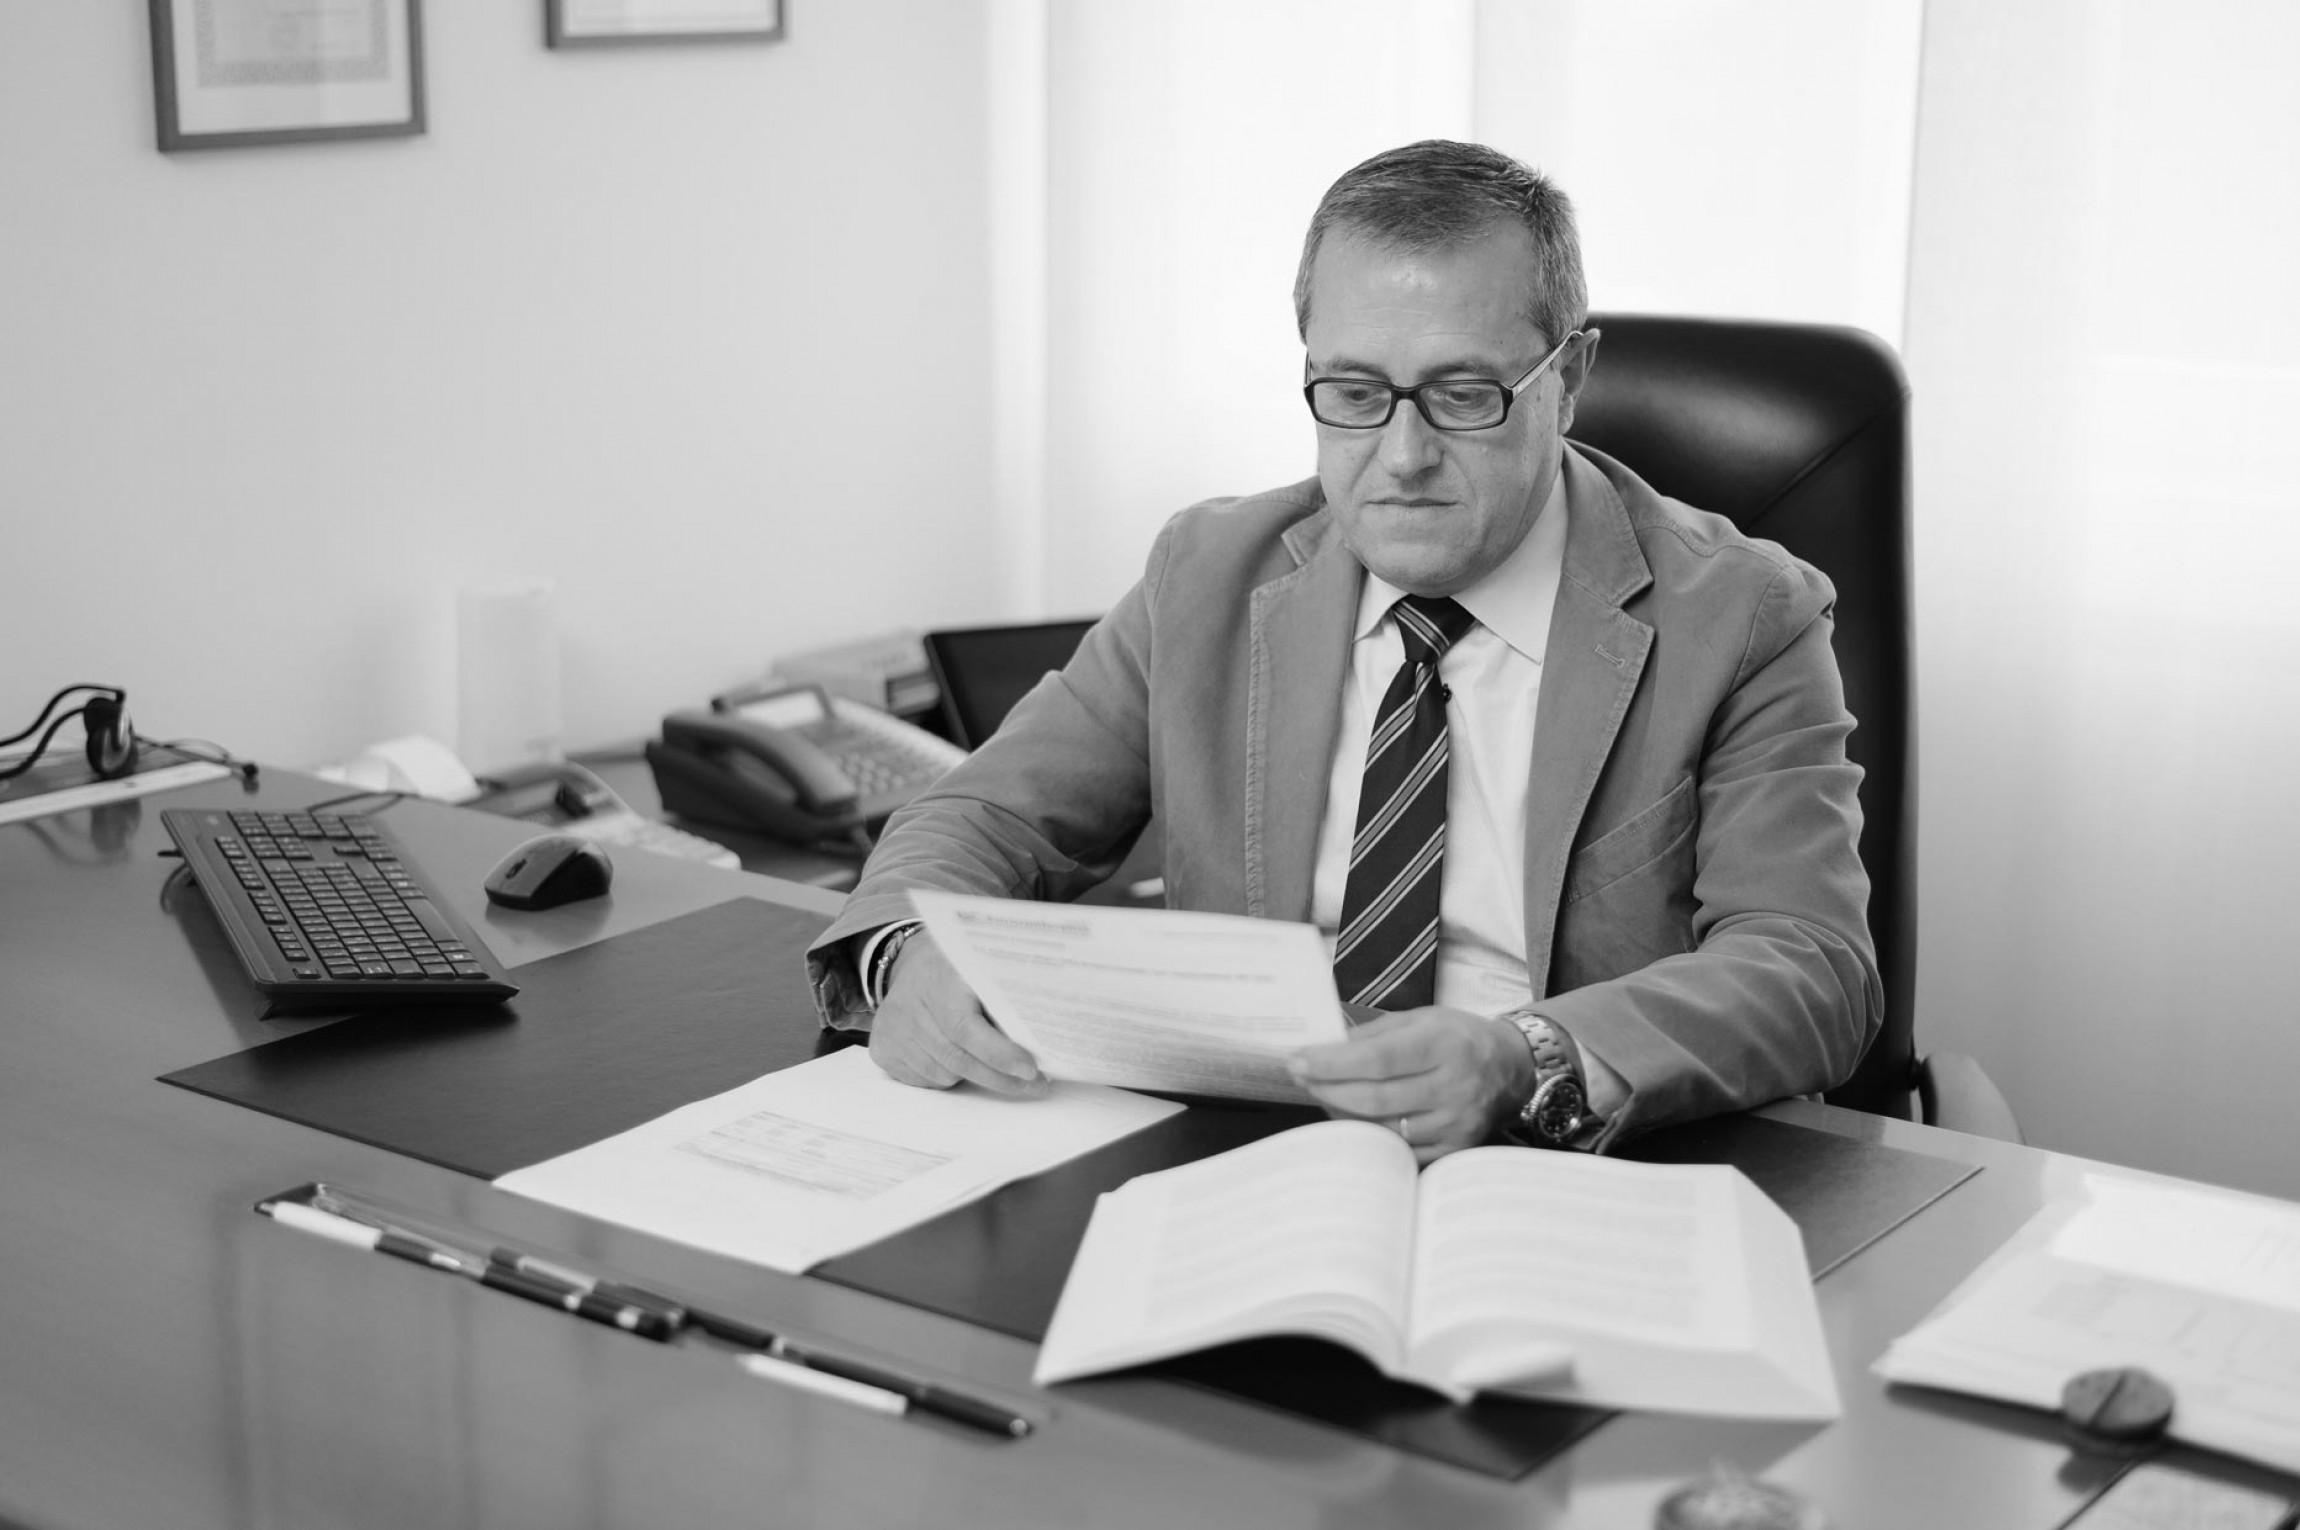 controllo e gestione d'impresa studio tagliabue commercialisti cantù